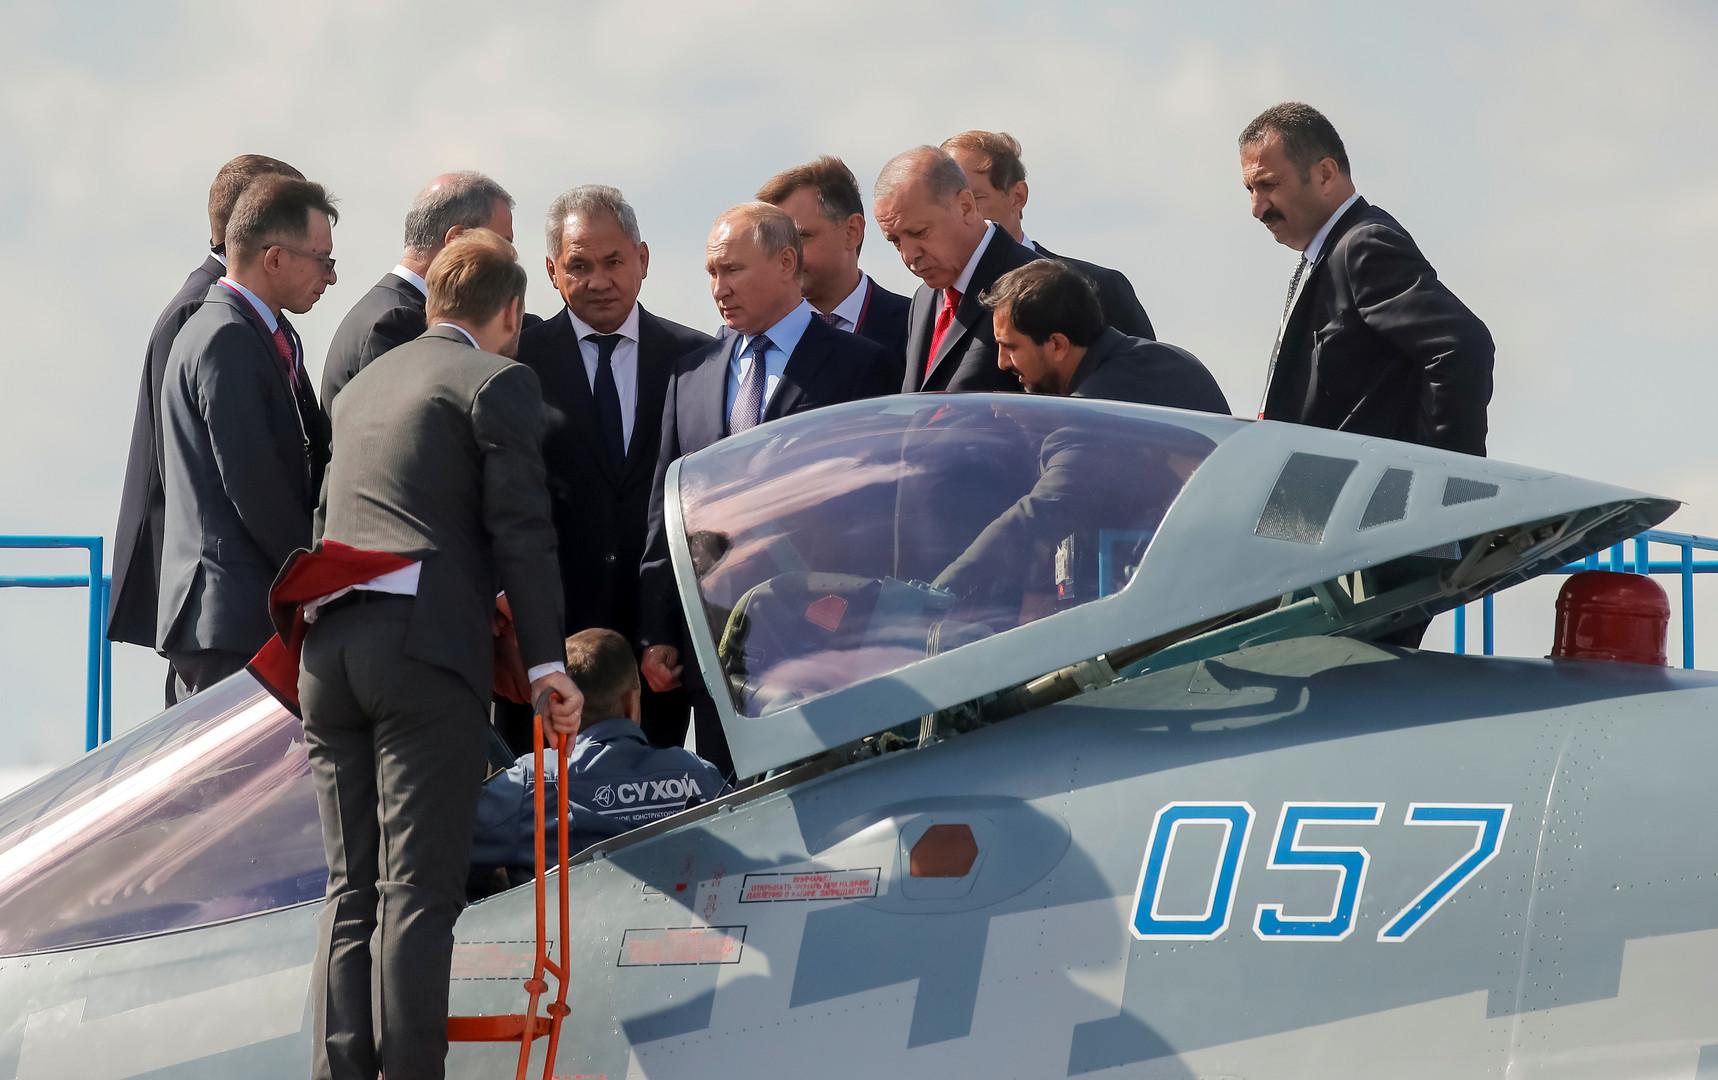 Moskau: Luft- und Raumfahrtmesse MAKS 2019 offiziell eröffnet